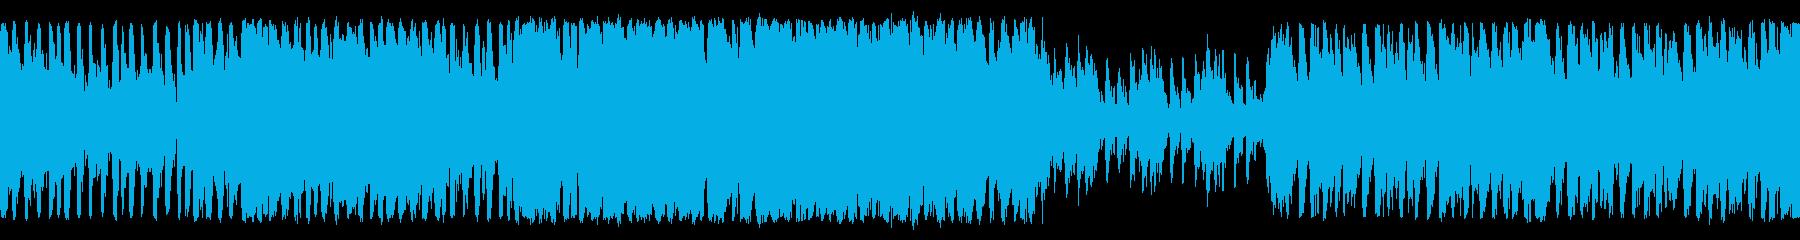 戦国オーケストラ 壮大な合戦 ループ仕様の再生済みの波形